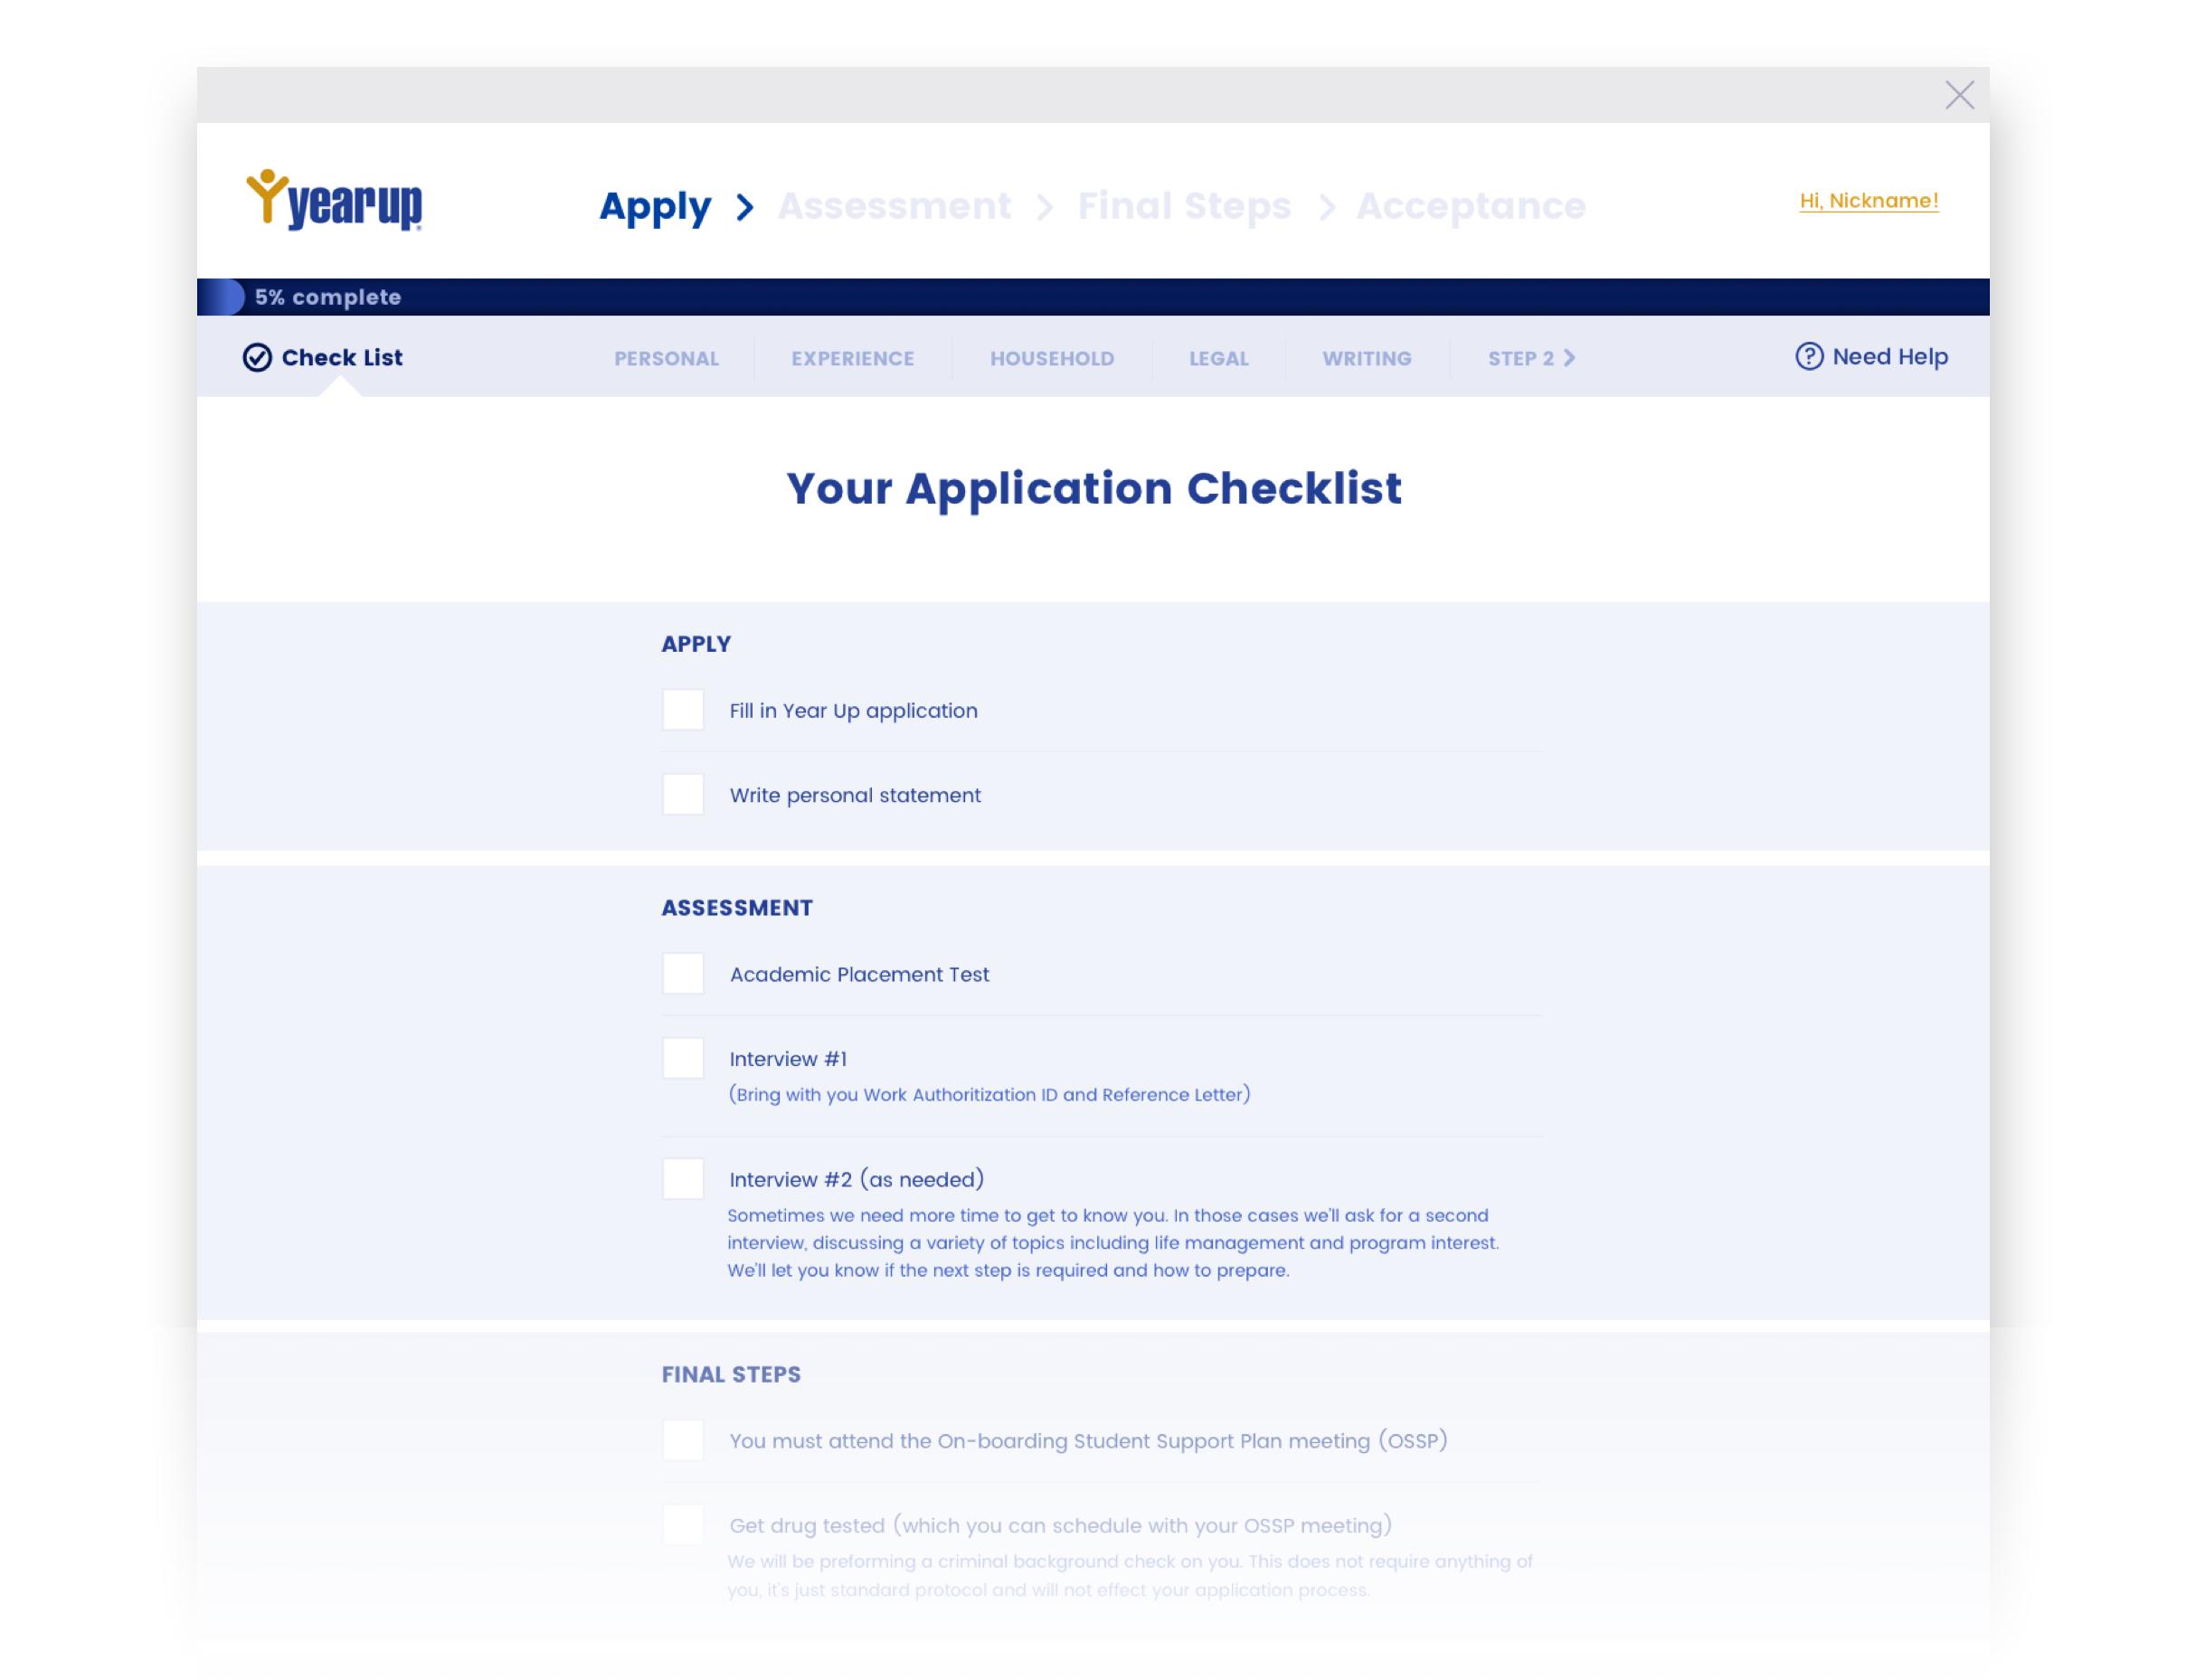 8-yu-checklist.jpg